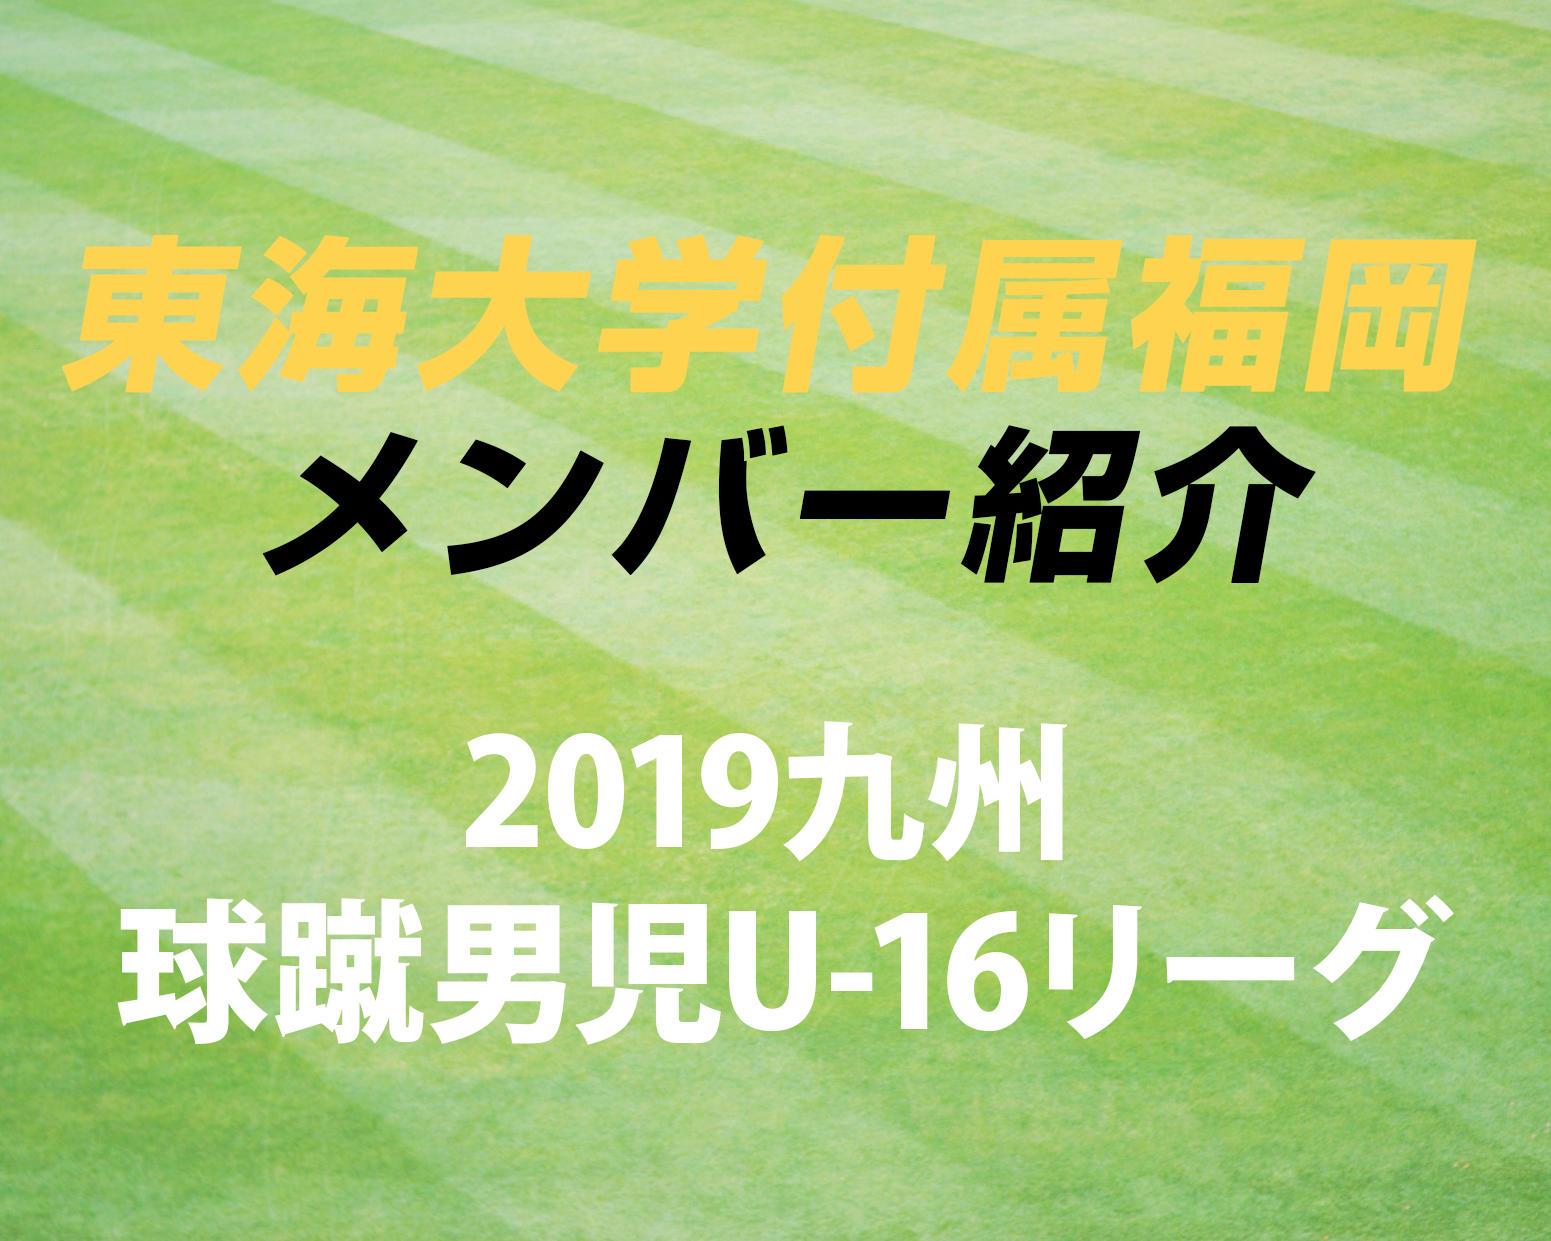 福岡の強豪・東海大学付属福岡高校サッカー部のメンバー紹介!(2019 球蹴男児U-16  D1リーグ)